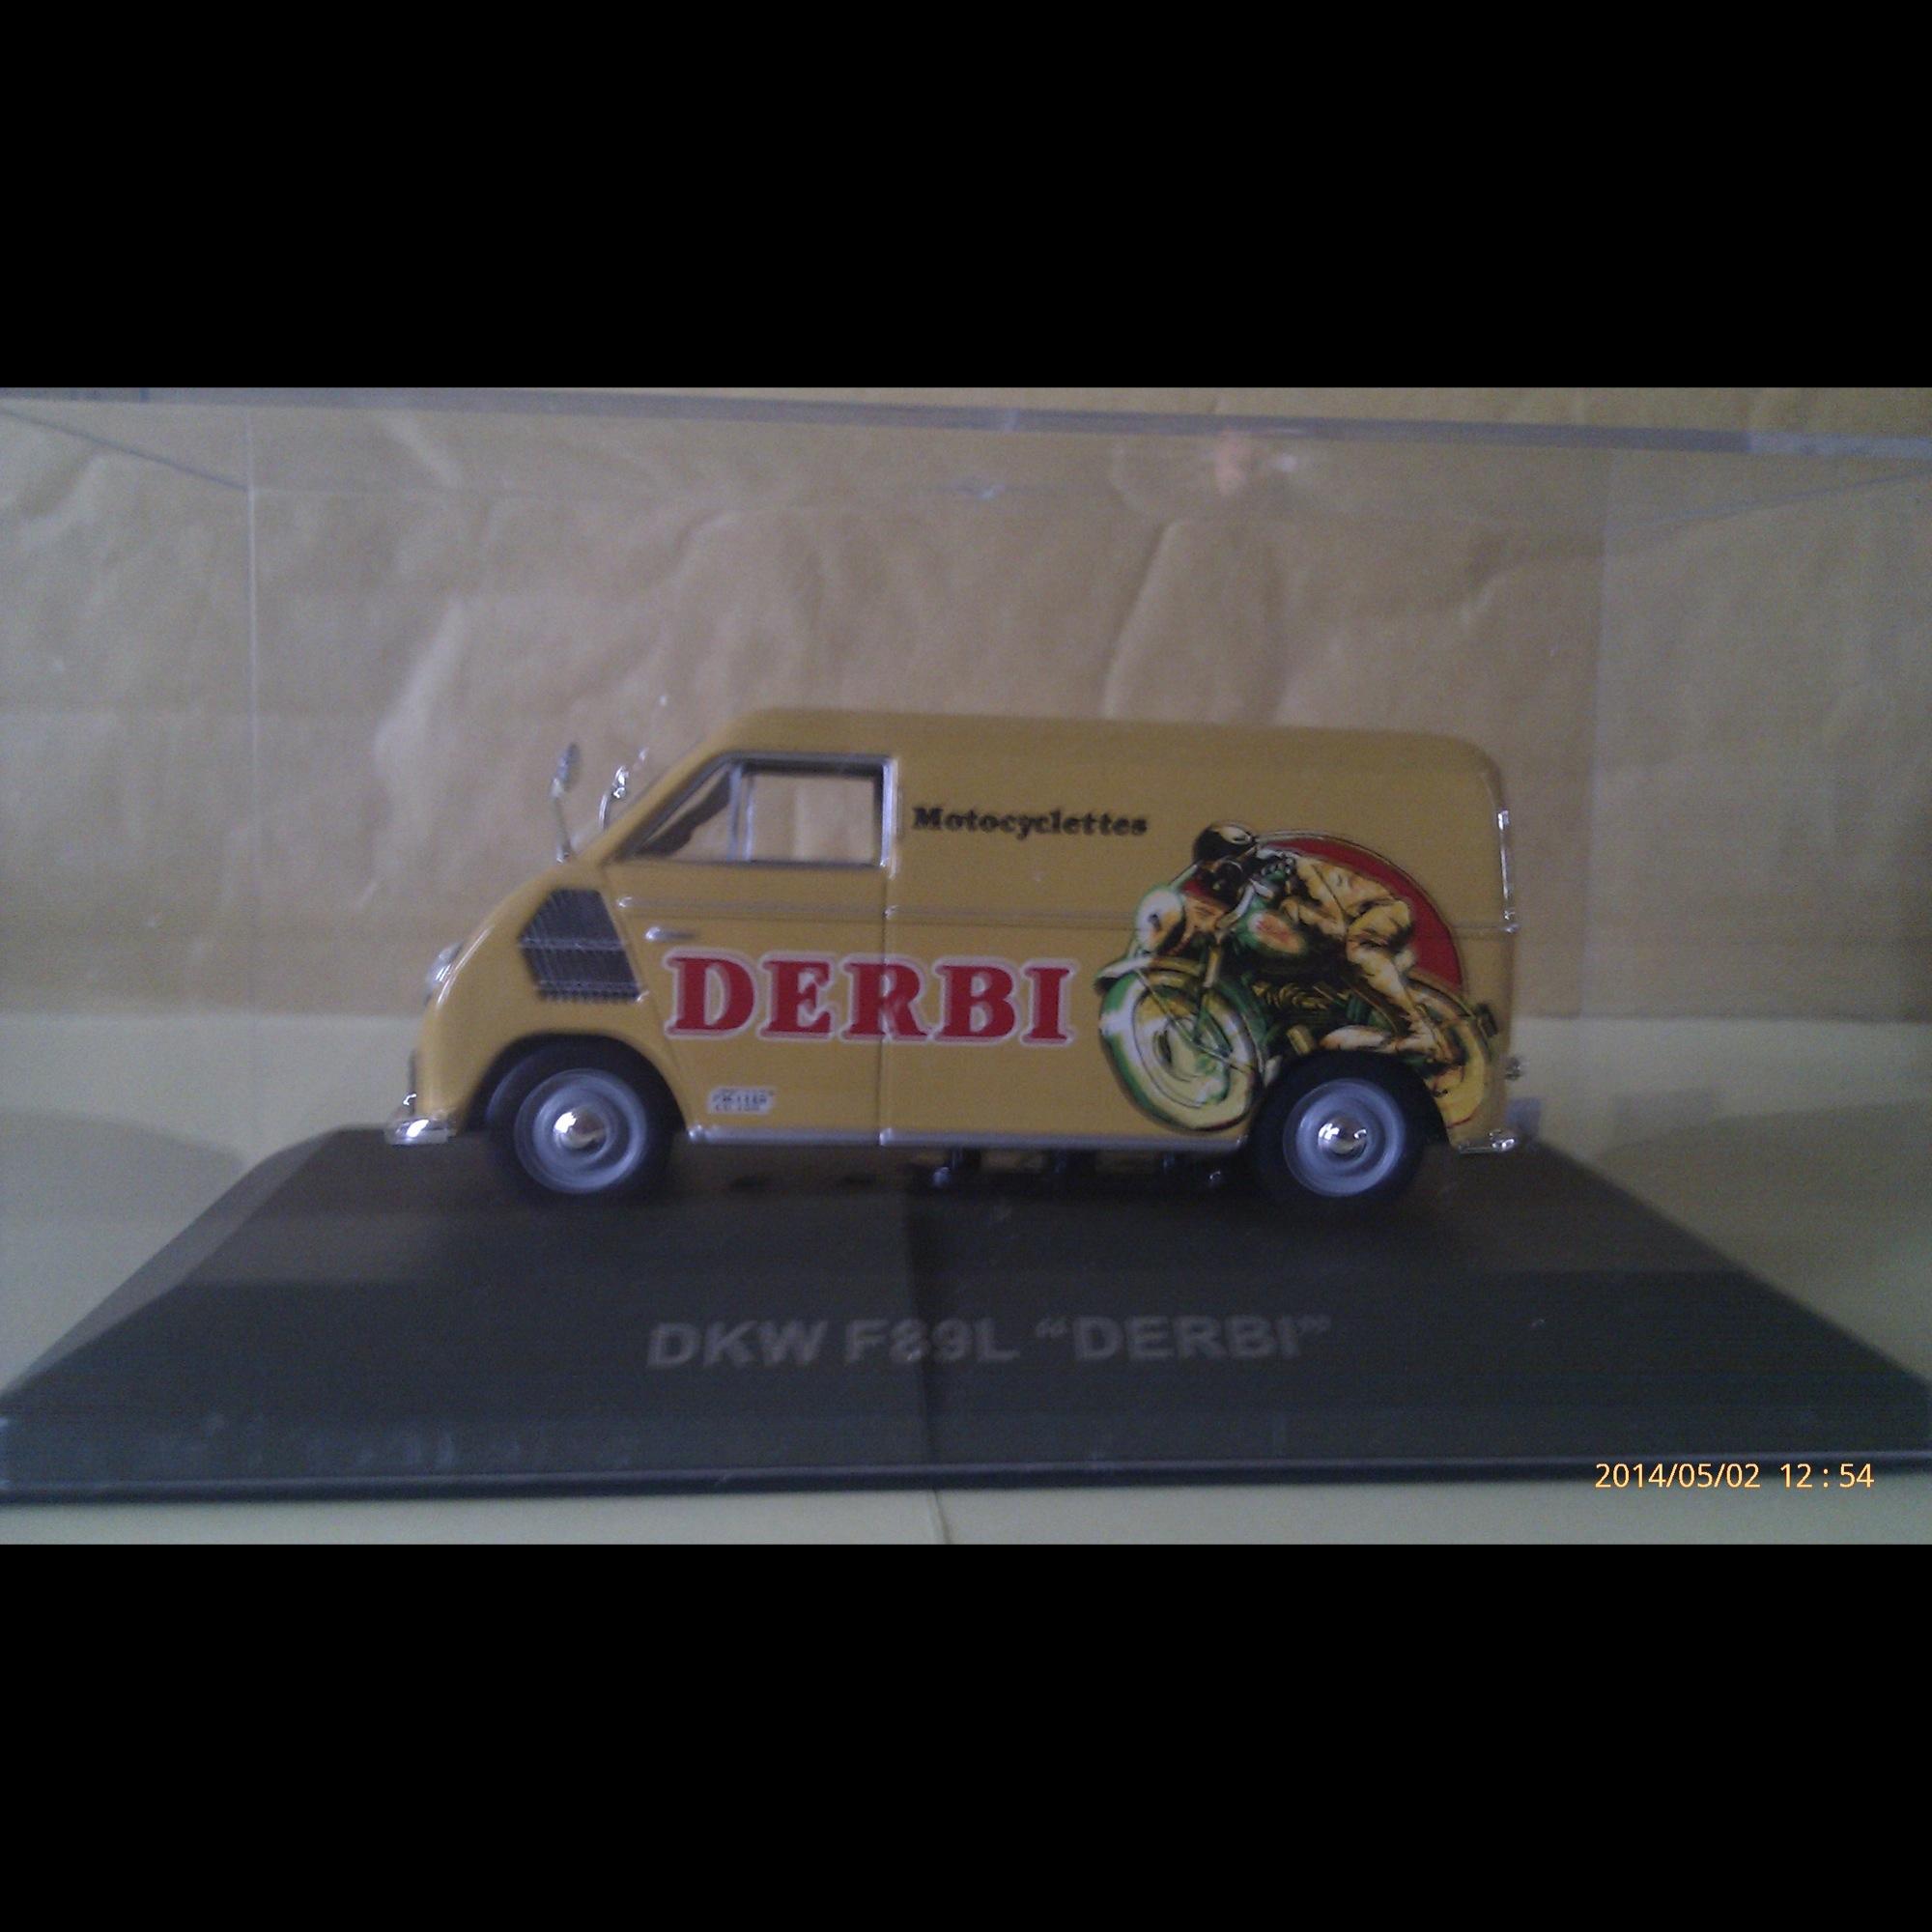 """DKW F89L """"Derbi"""""""